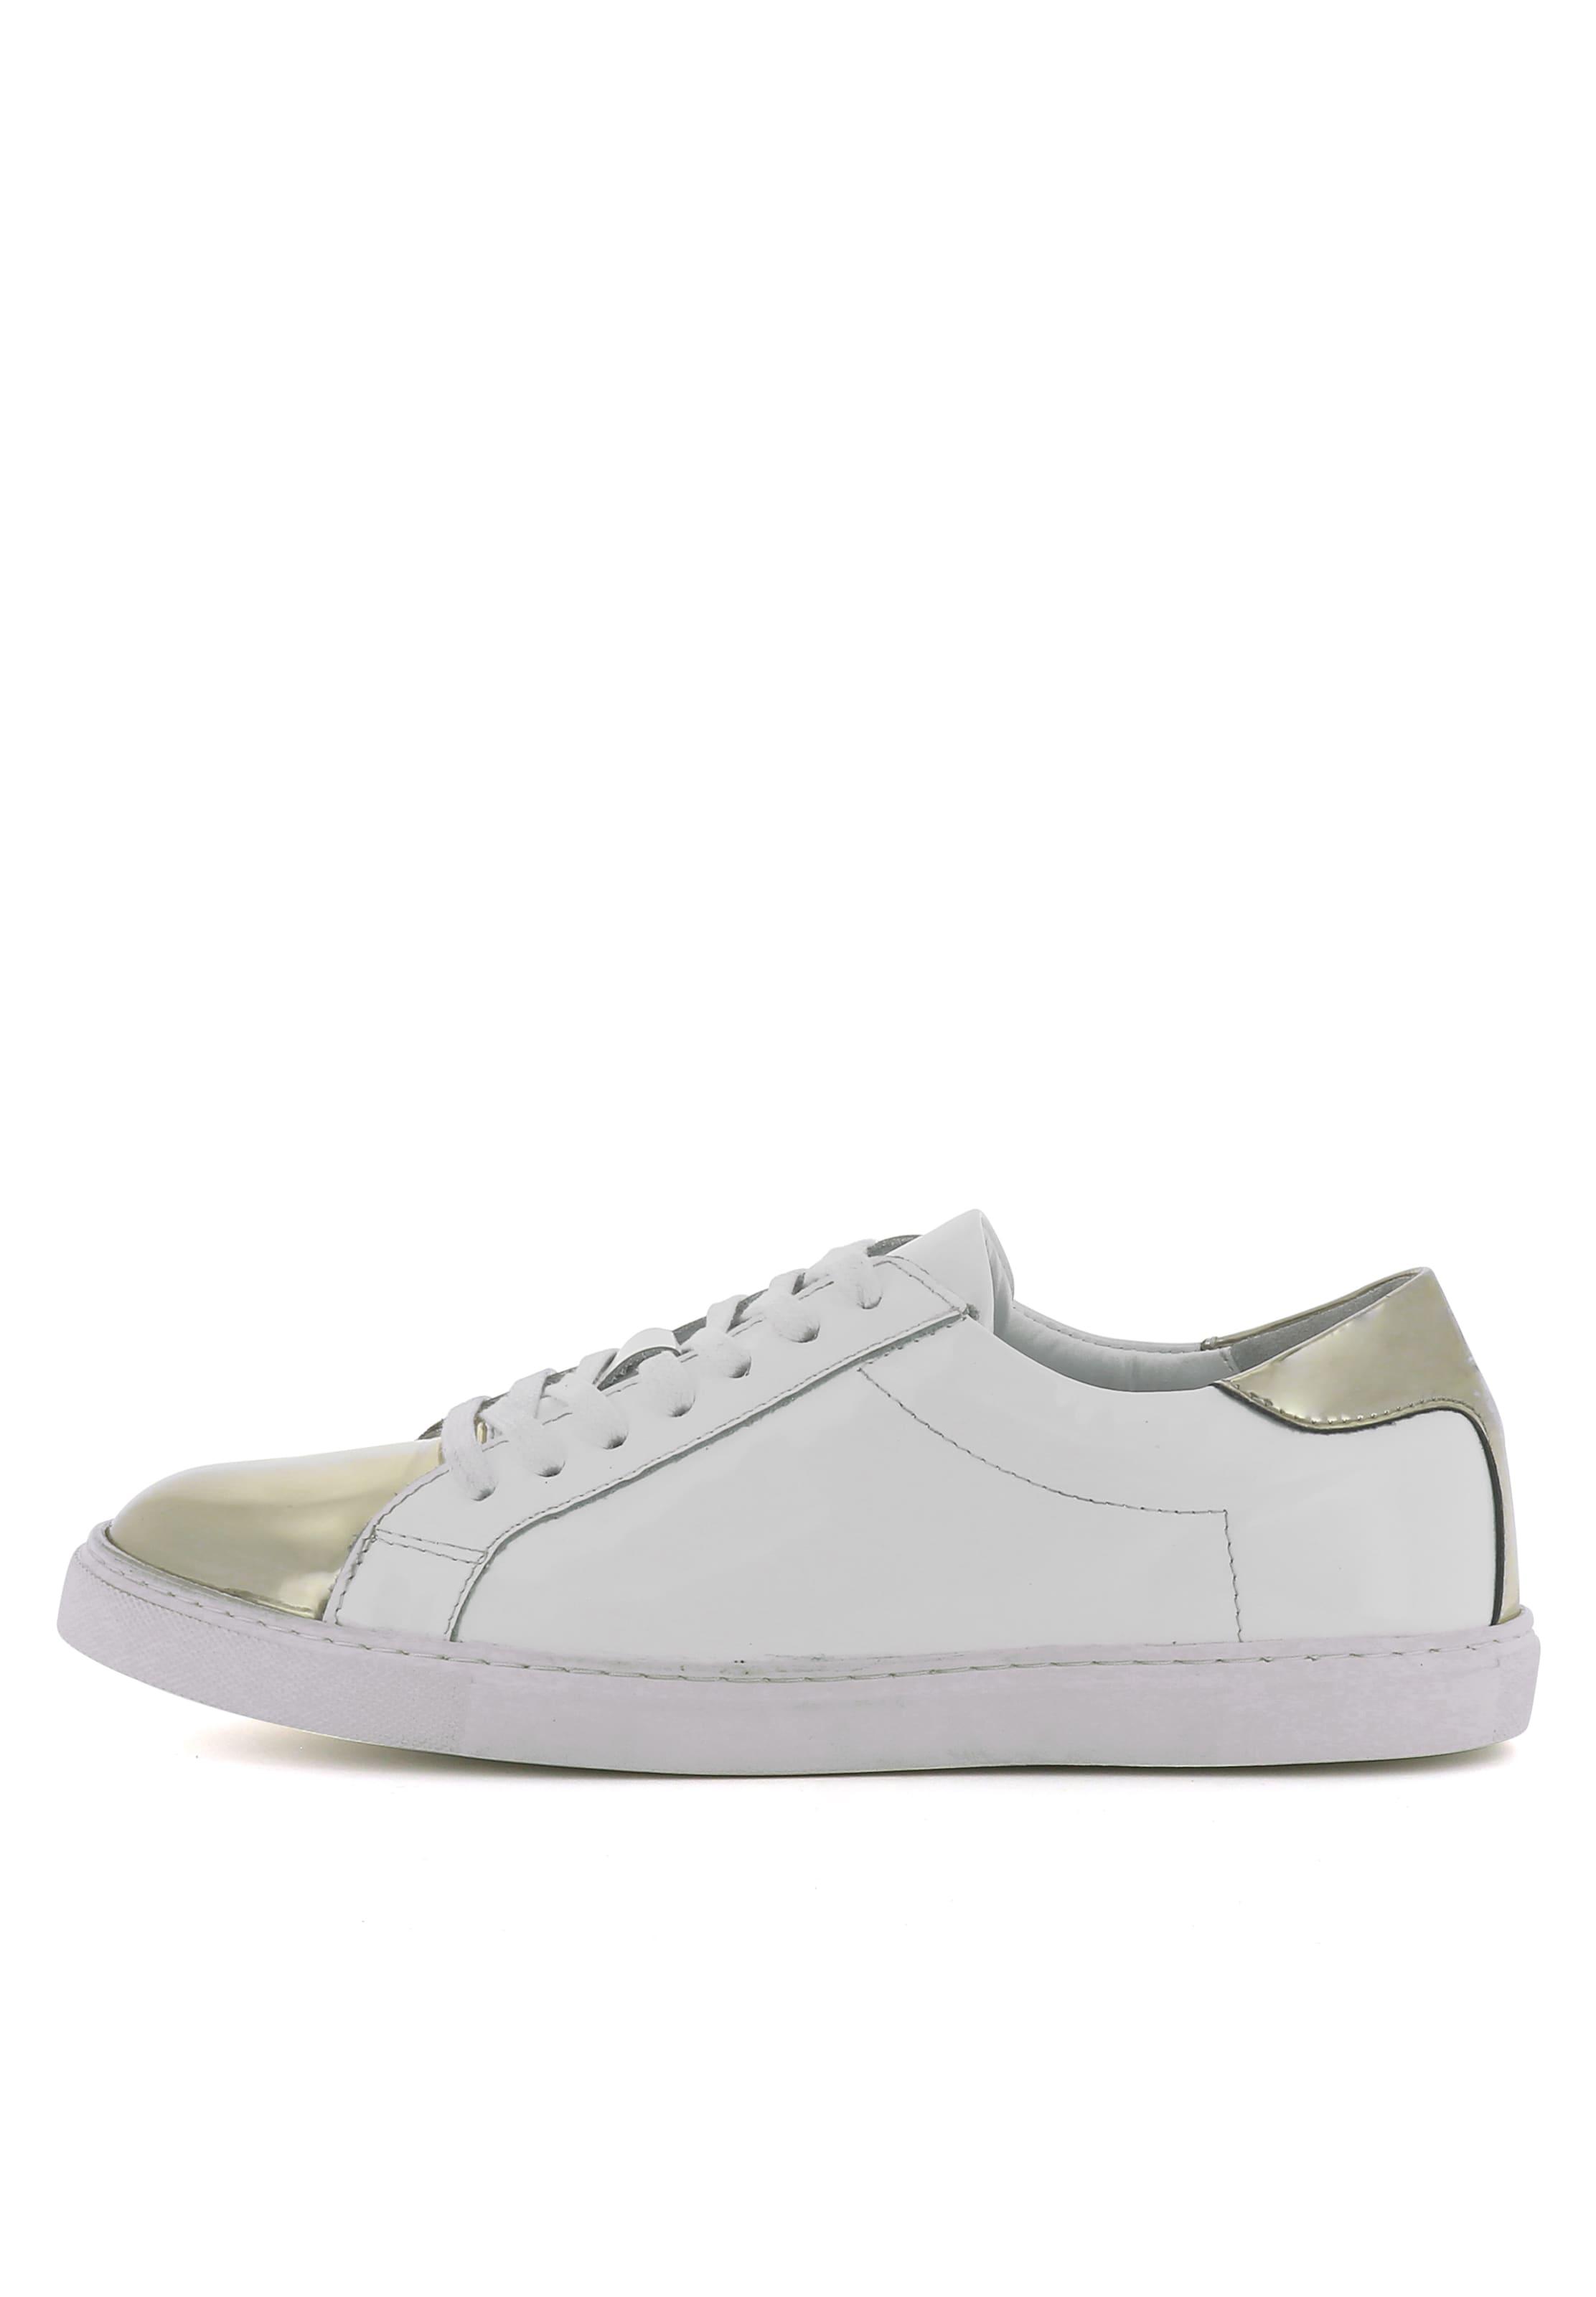 Neueste Zum Verkauf Niedriger Versand EVITA Damen Sneaker MARISA Wahl Online Gut Verkaufen Countdown-Paket Zum Verkauf SUayrlct